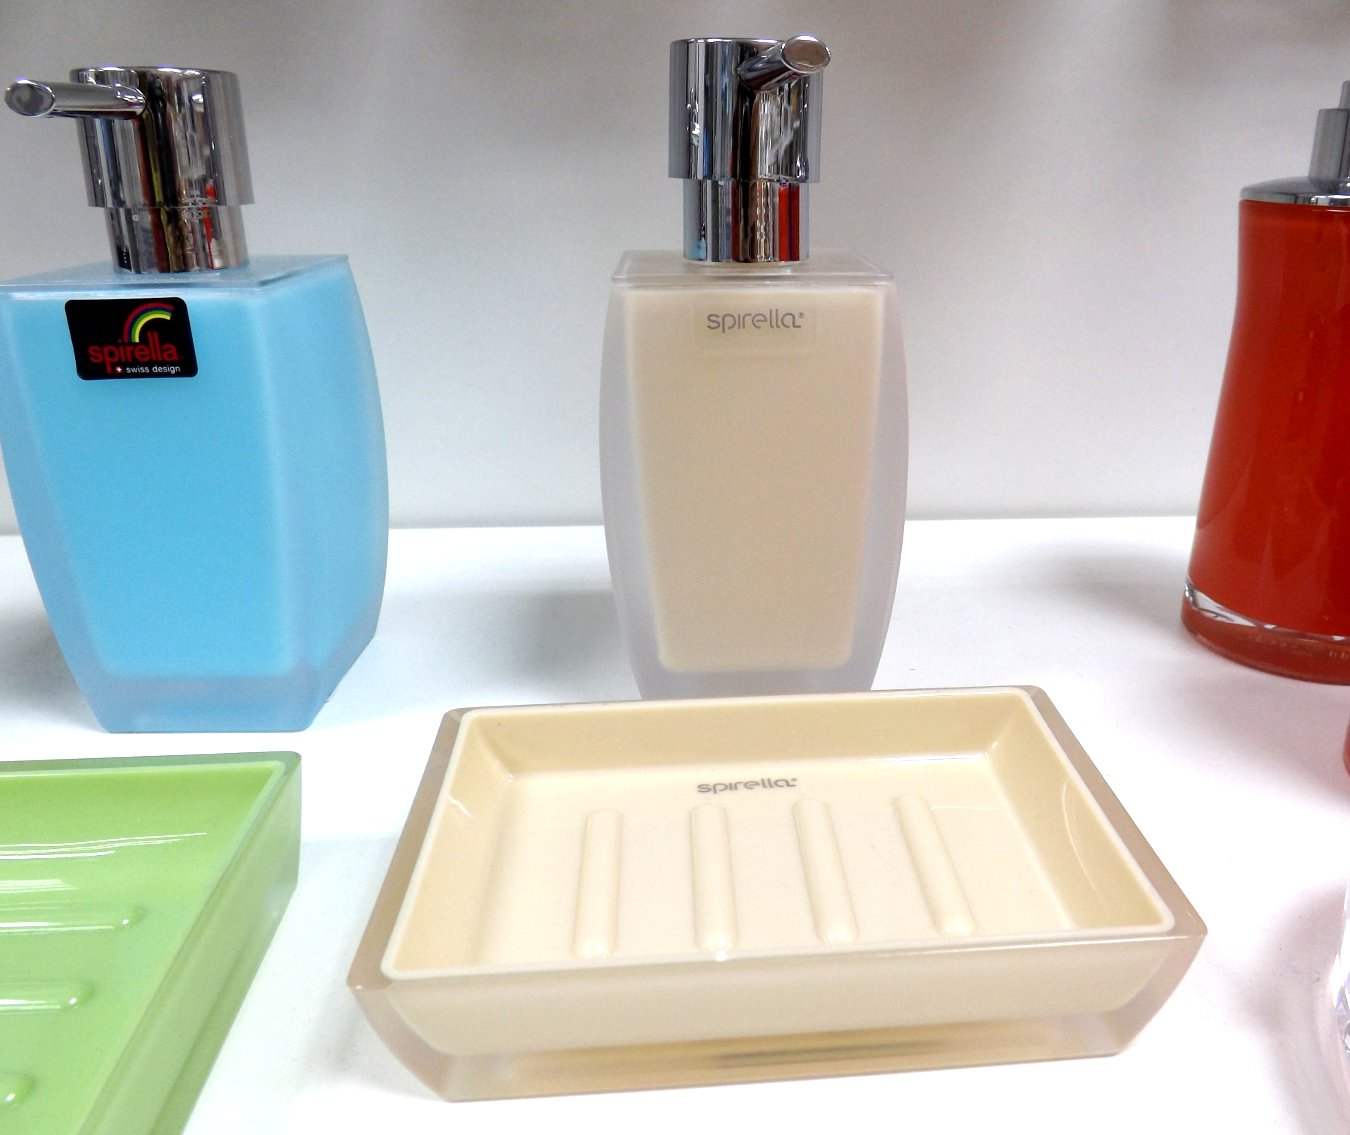 Аксессуары швейцарской фирмы Spirella из ассортимента 2015 года: дозаторы для мыла и мыльницы